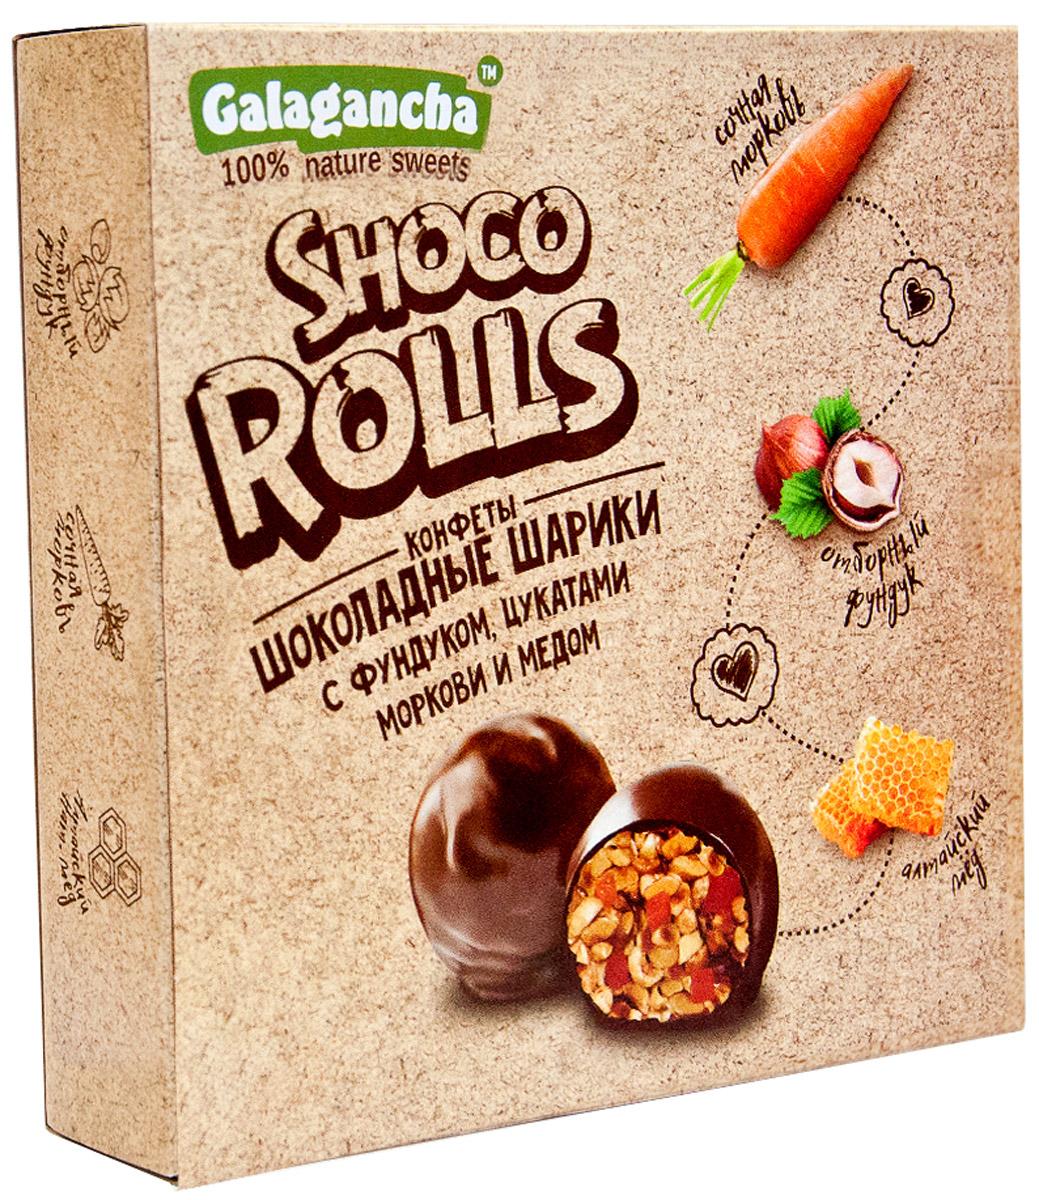 Galagancha Shoco Rolls мягкий грильяж с фундуком, 135 го0000007711100% натуральные;сниженное содержание сахара;ручная работа;идеально обжаренный фундук в сочетании с цукатами моркови сорта Шантане с настоящим алтайским медом;Galagancha - может быть превосходным подарком, а может быть приятными минутами домашнего вечера, а может быть…Уважаемые клиенты! Обращаем ваше внимание, что полный перечень состава продукта представлен на дополнительном изображении.